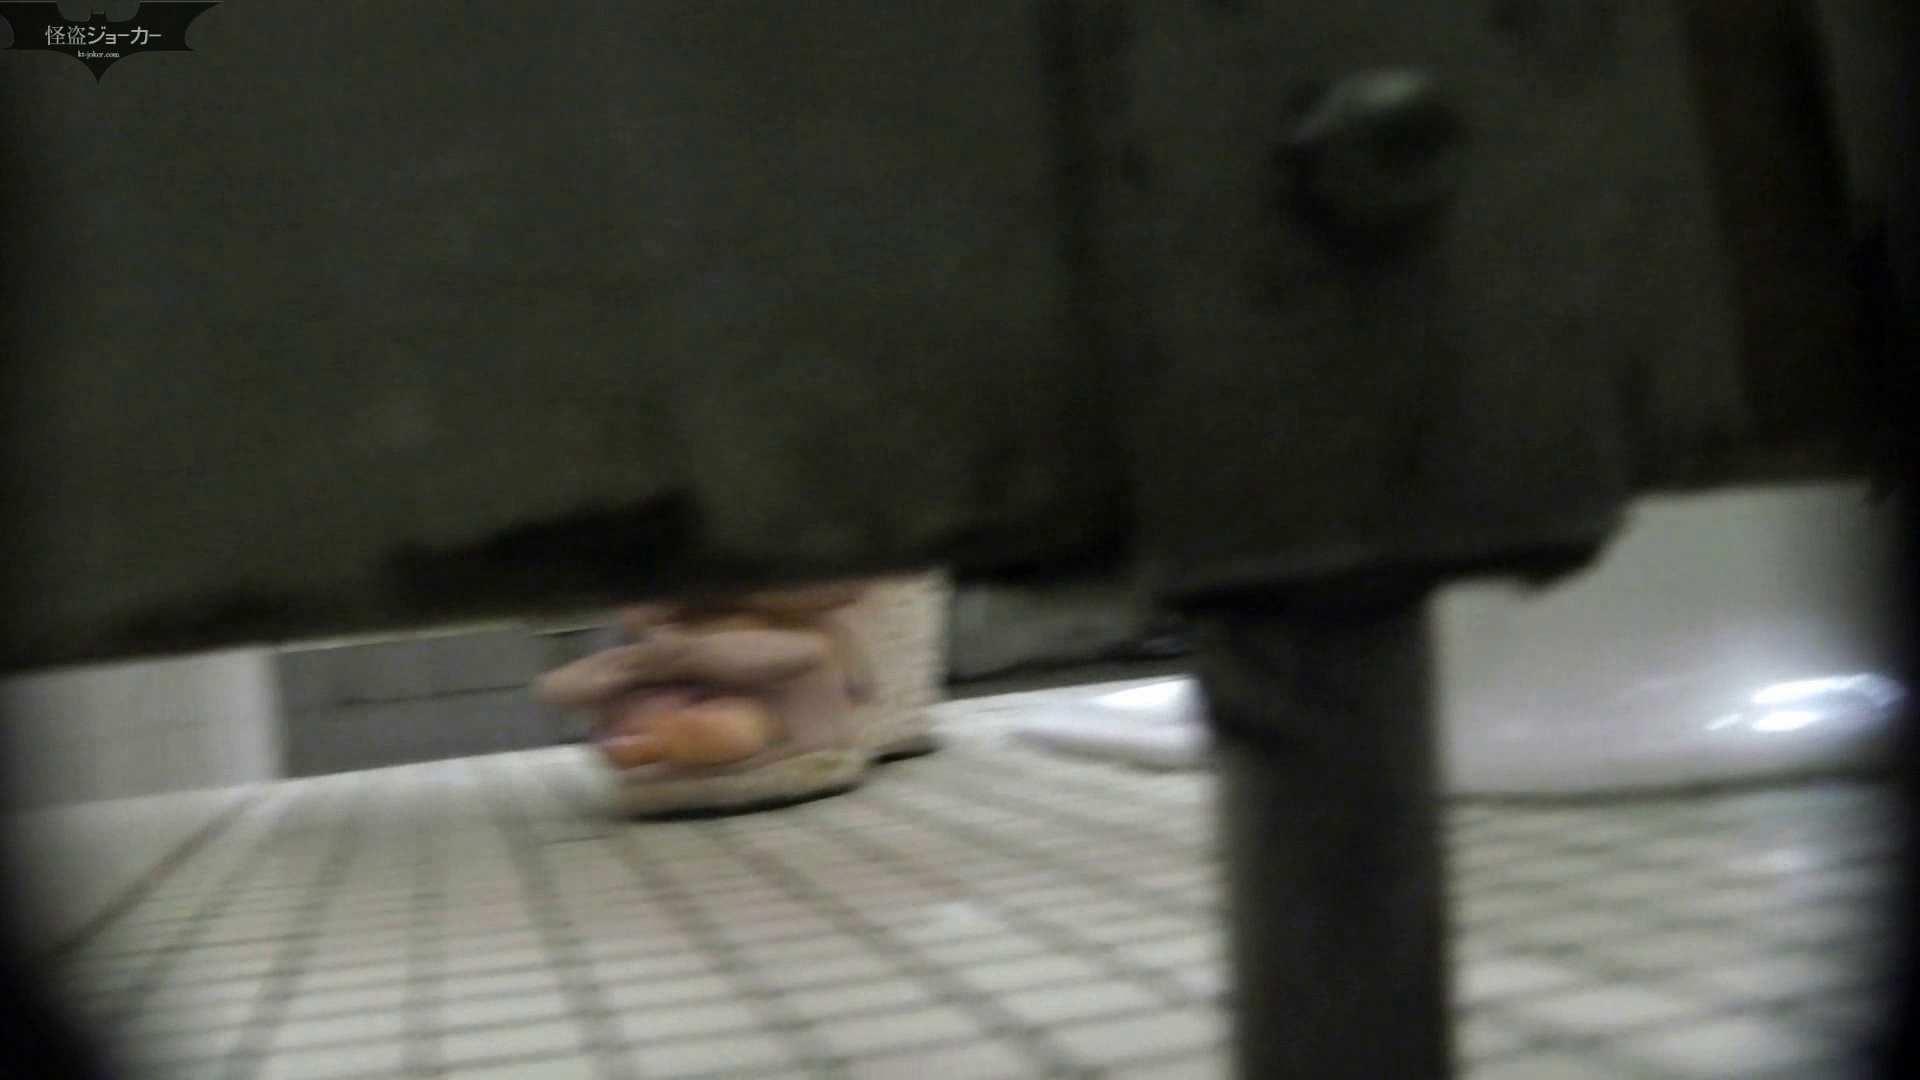 無修正ヌード 【美しき個室な世界】洗面所特攻隊 vol.051 怪盗ジョーカー